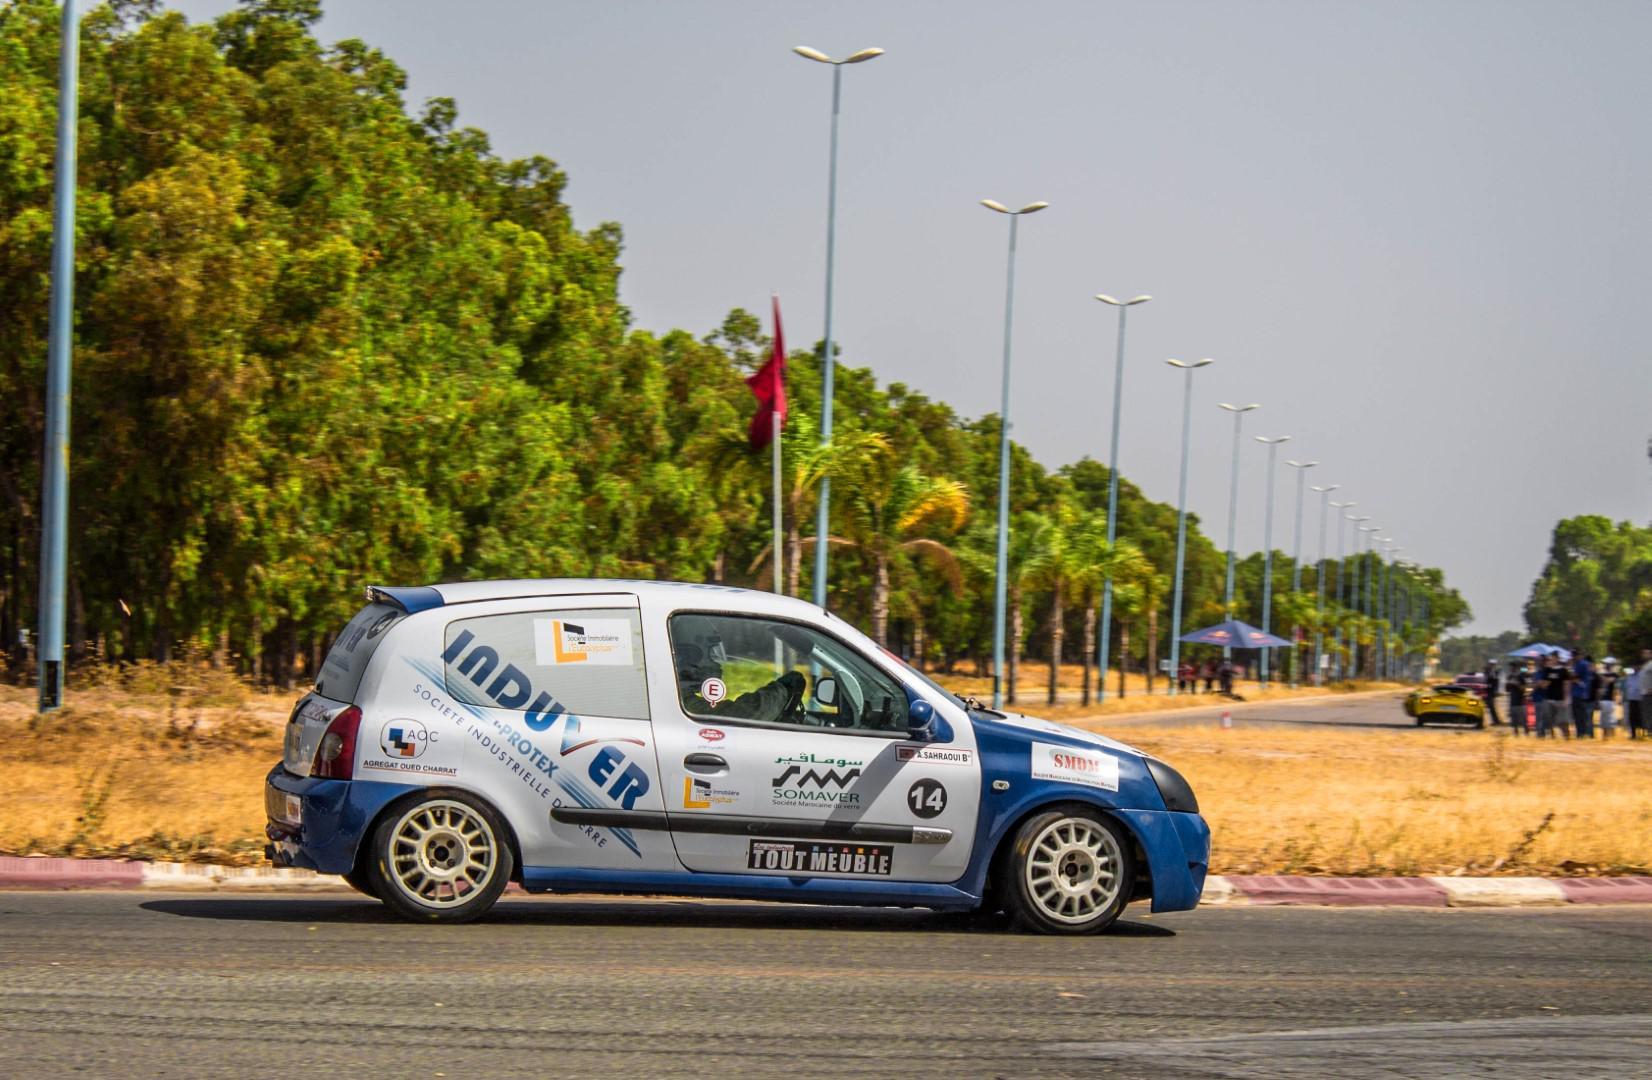 2eme-manche-du-championnat-du-maroc-des-circuits-845-12.jpg